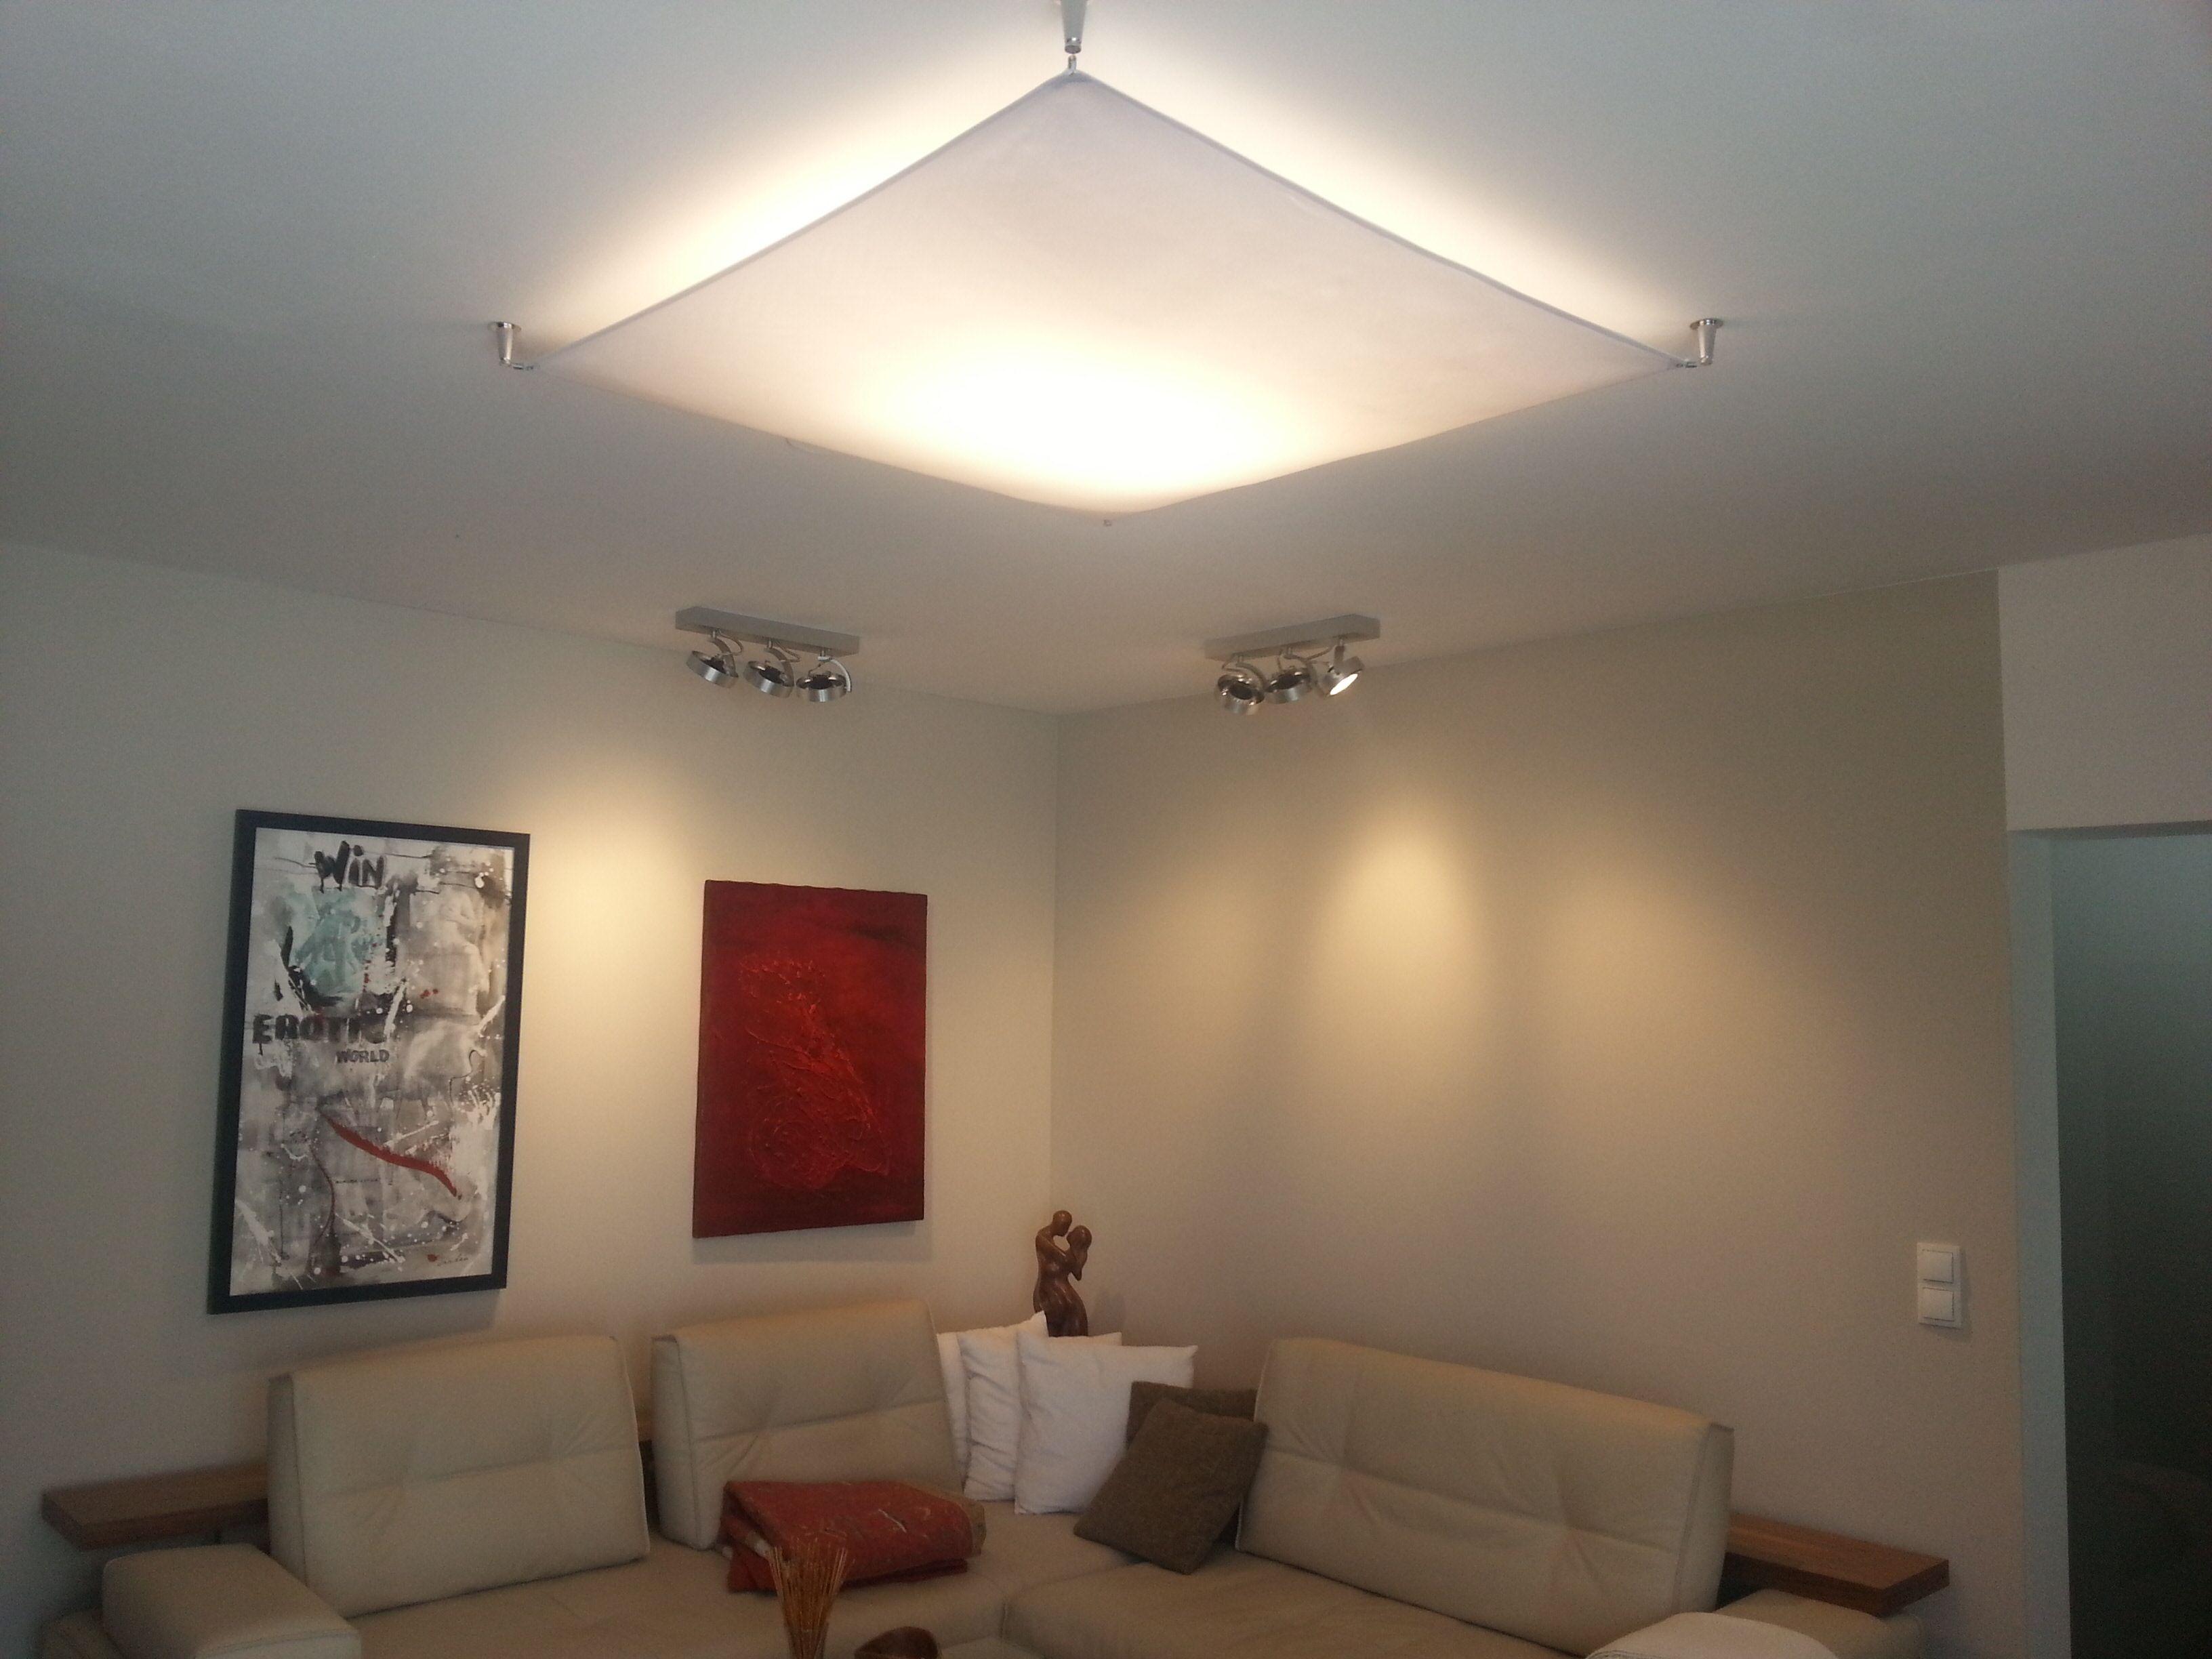 Wohnzimmer Lampe Fur Hohe Decken Startseite Das Bett Hannover